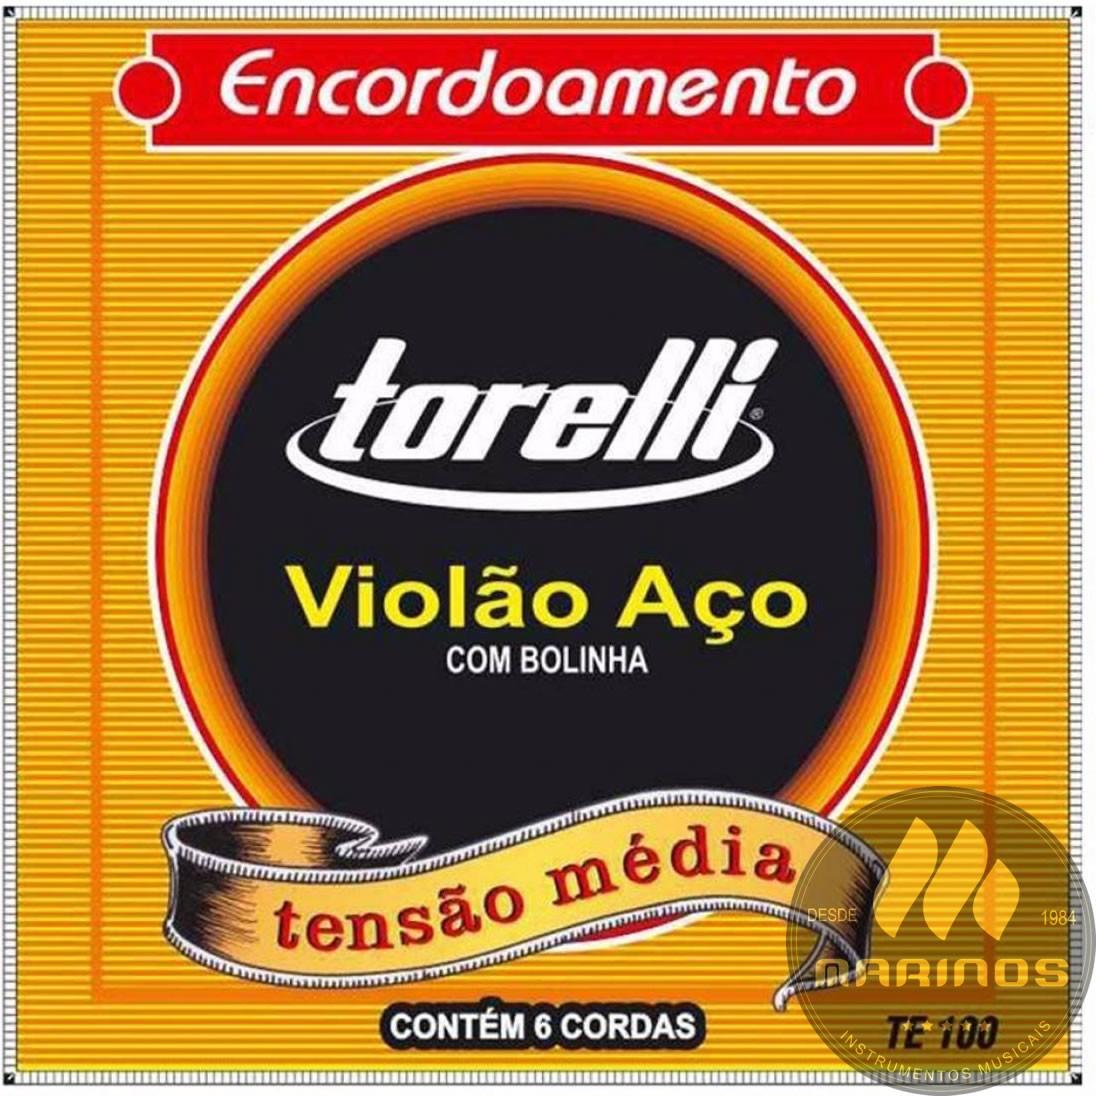 Encordoamento TORELLI Violão Aço 011 TE100 Bolinha